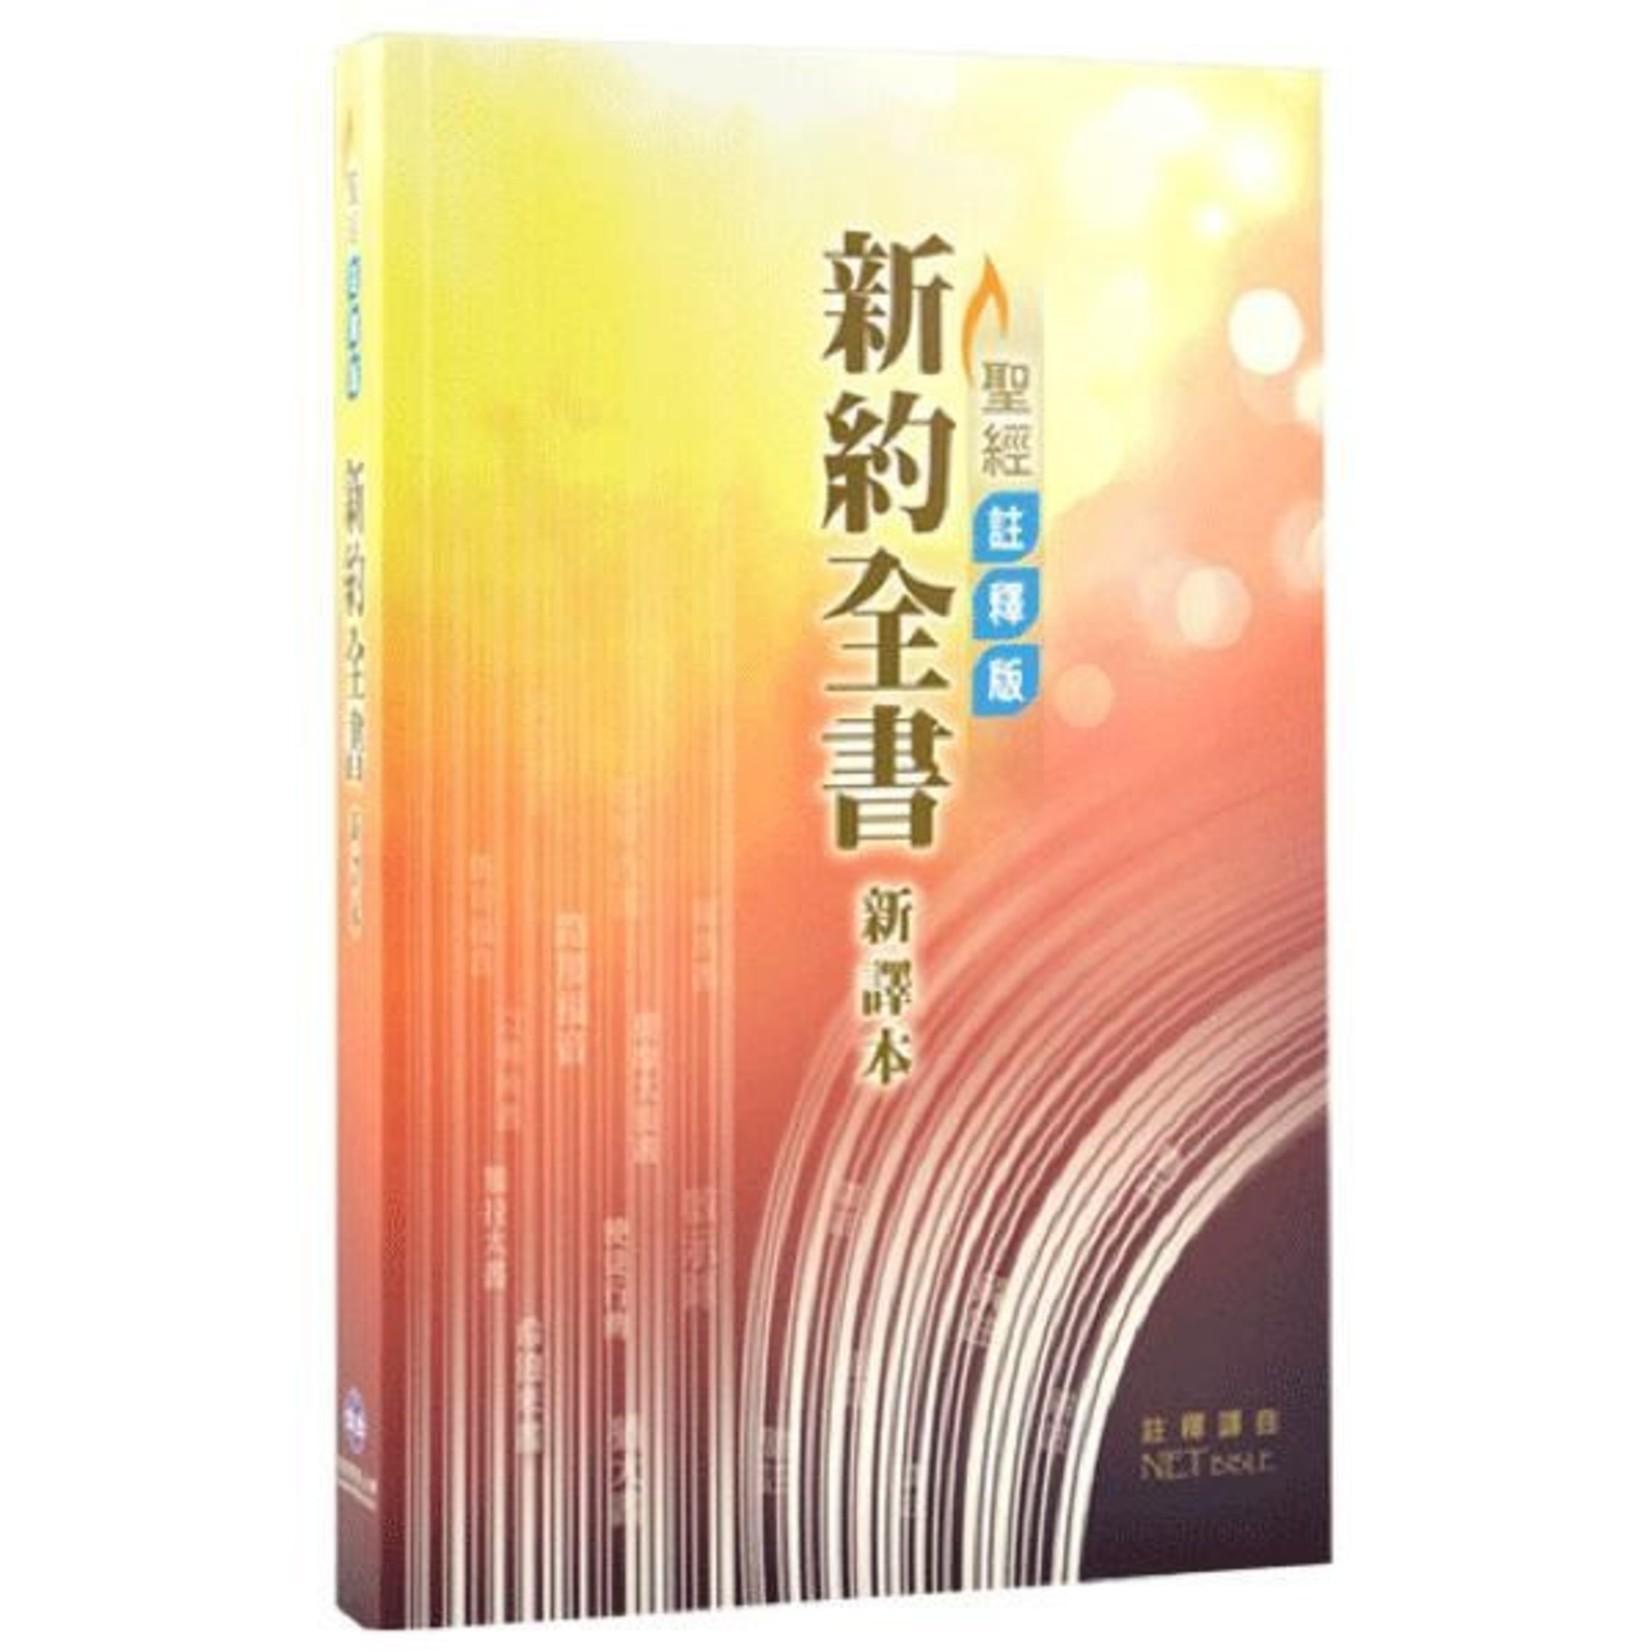 環球聖經公會 The Worldwide Bible Society 聖經.新約全書.新譯本註釋版.繁體標準裝.彩色平裝白邊